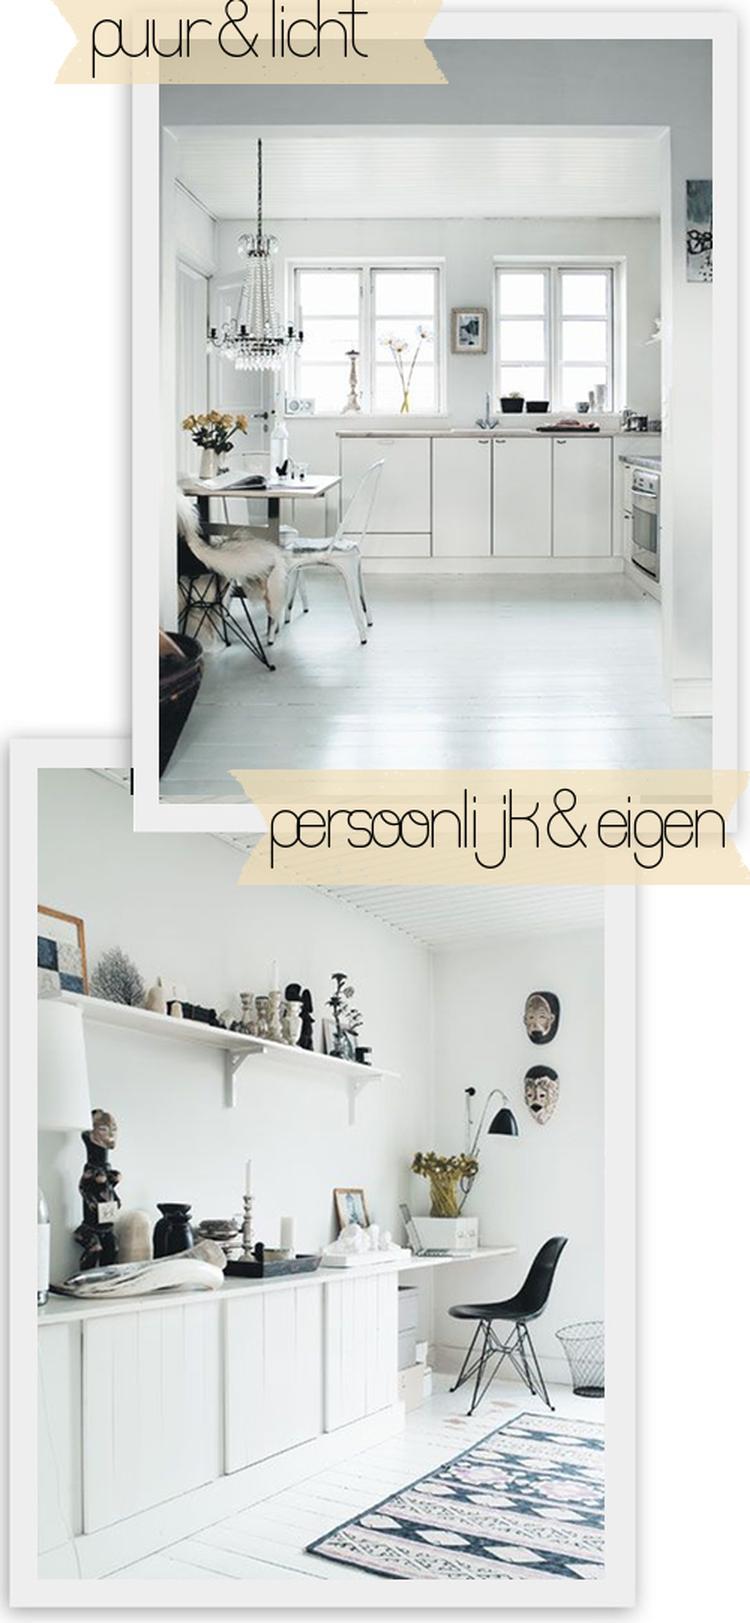 bureau in slaapkamer. Foto geplaatst door Flair-Kate op Welke.nl